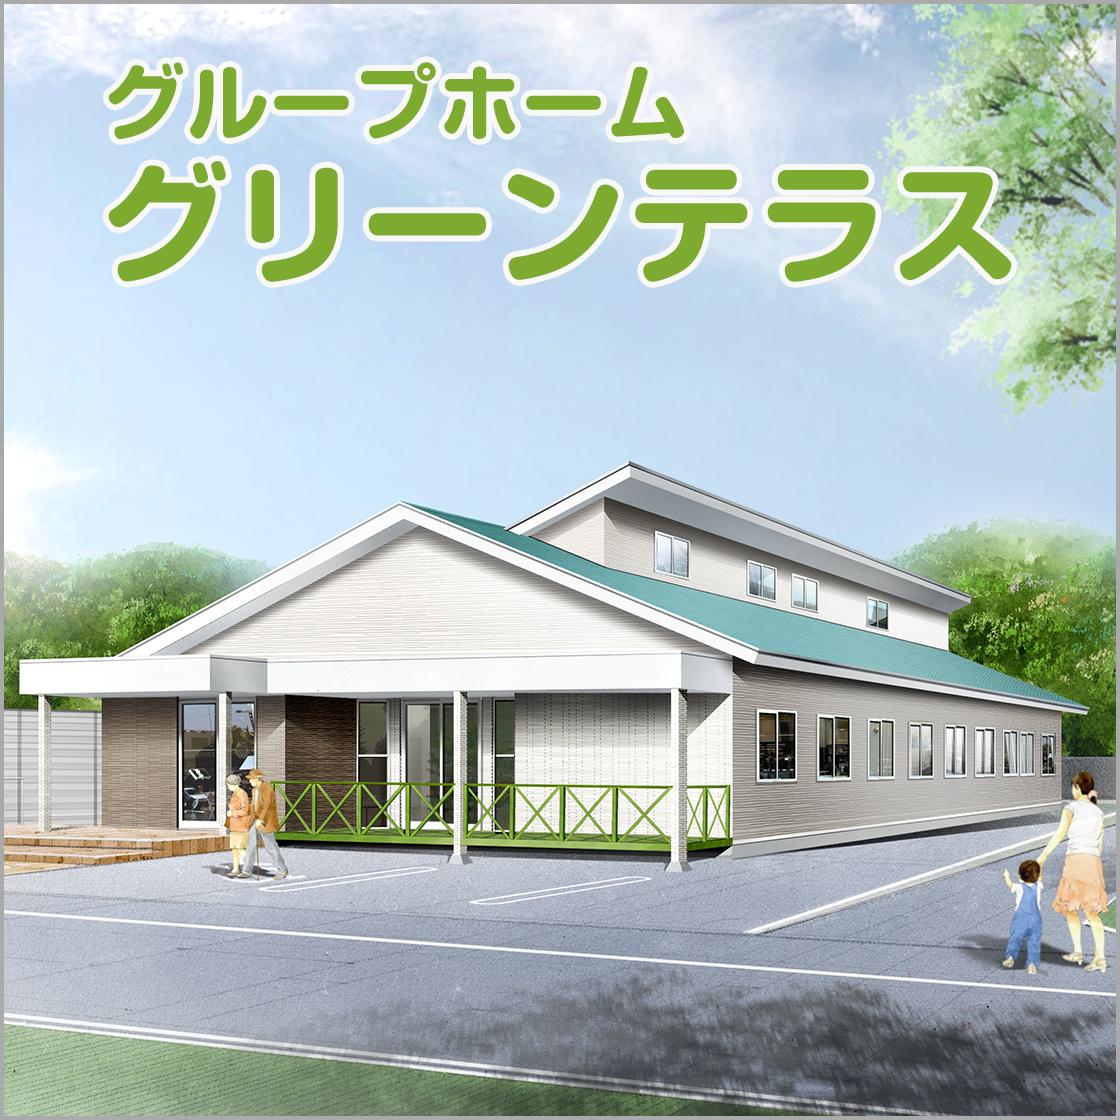 グループホーム グリーンテラス 4月1日オープン